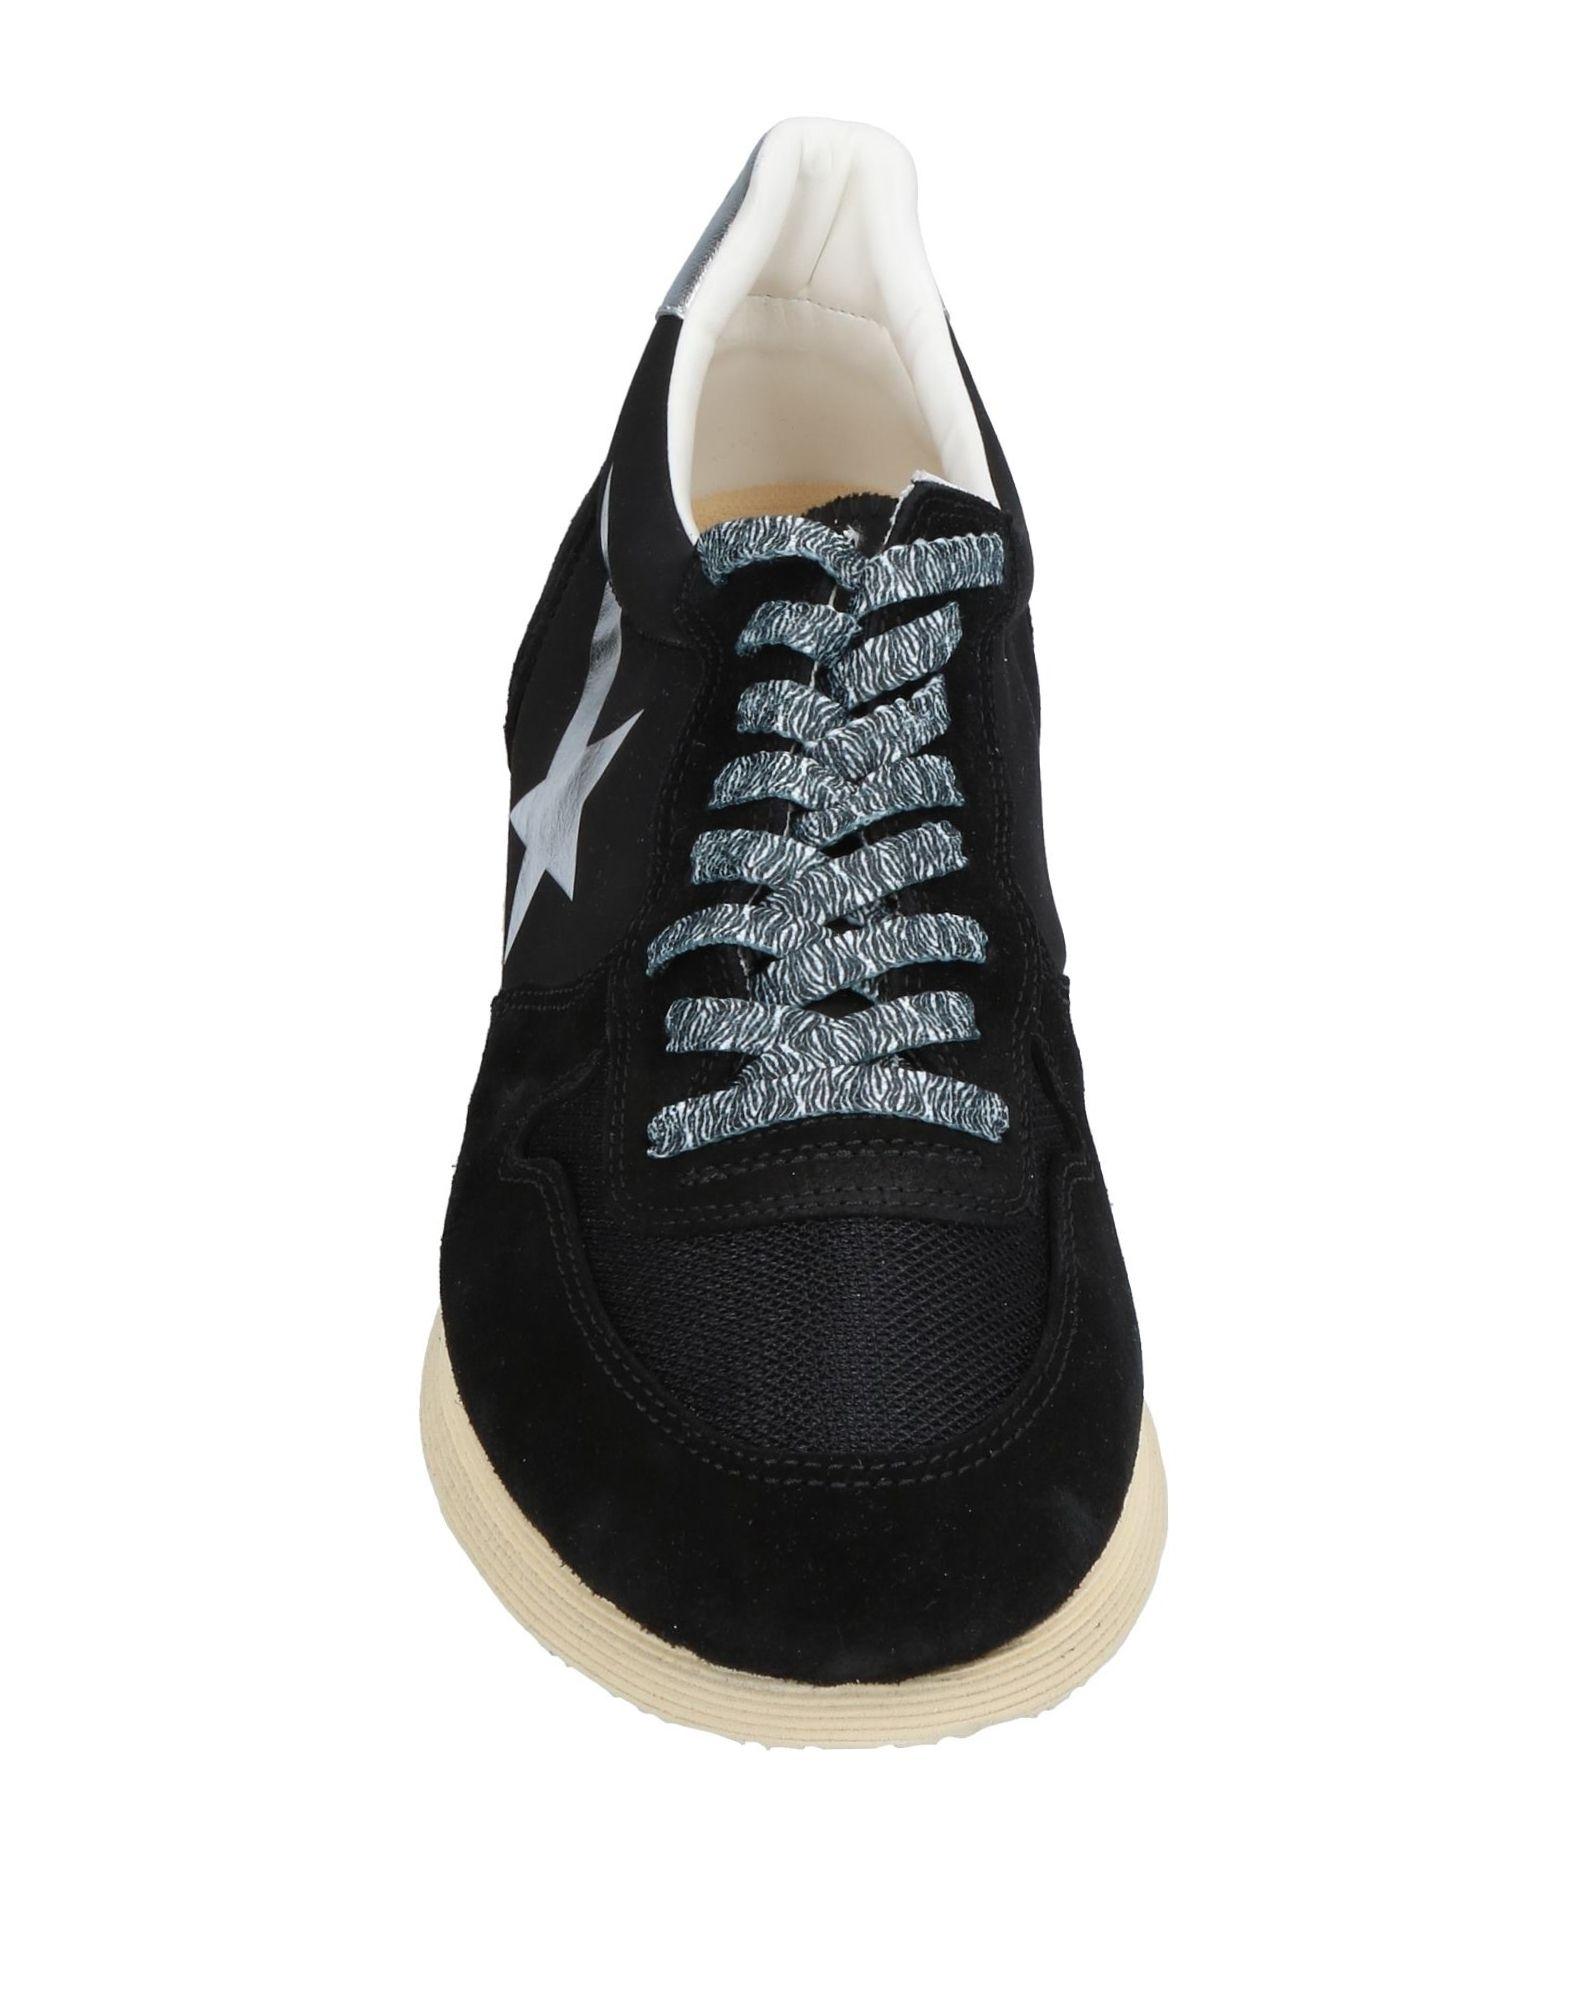 Stilvolle Goose billige Schuhe Haus Golden Goose Stilvolle Sneakers Damen  11408099HJ 56047e